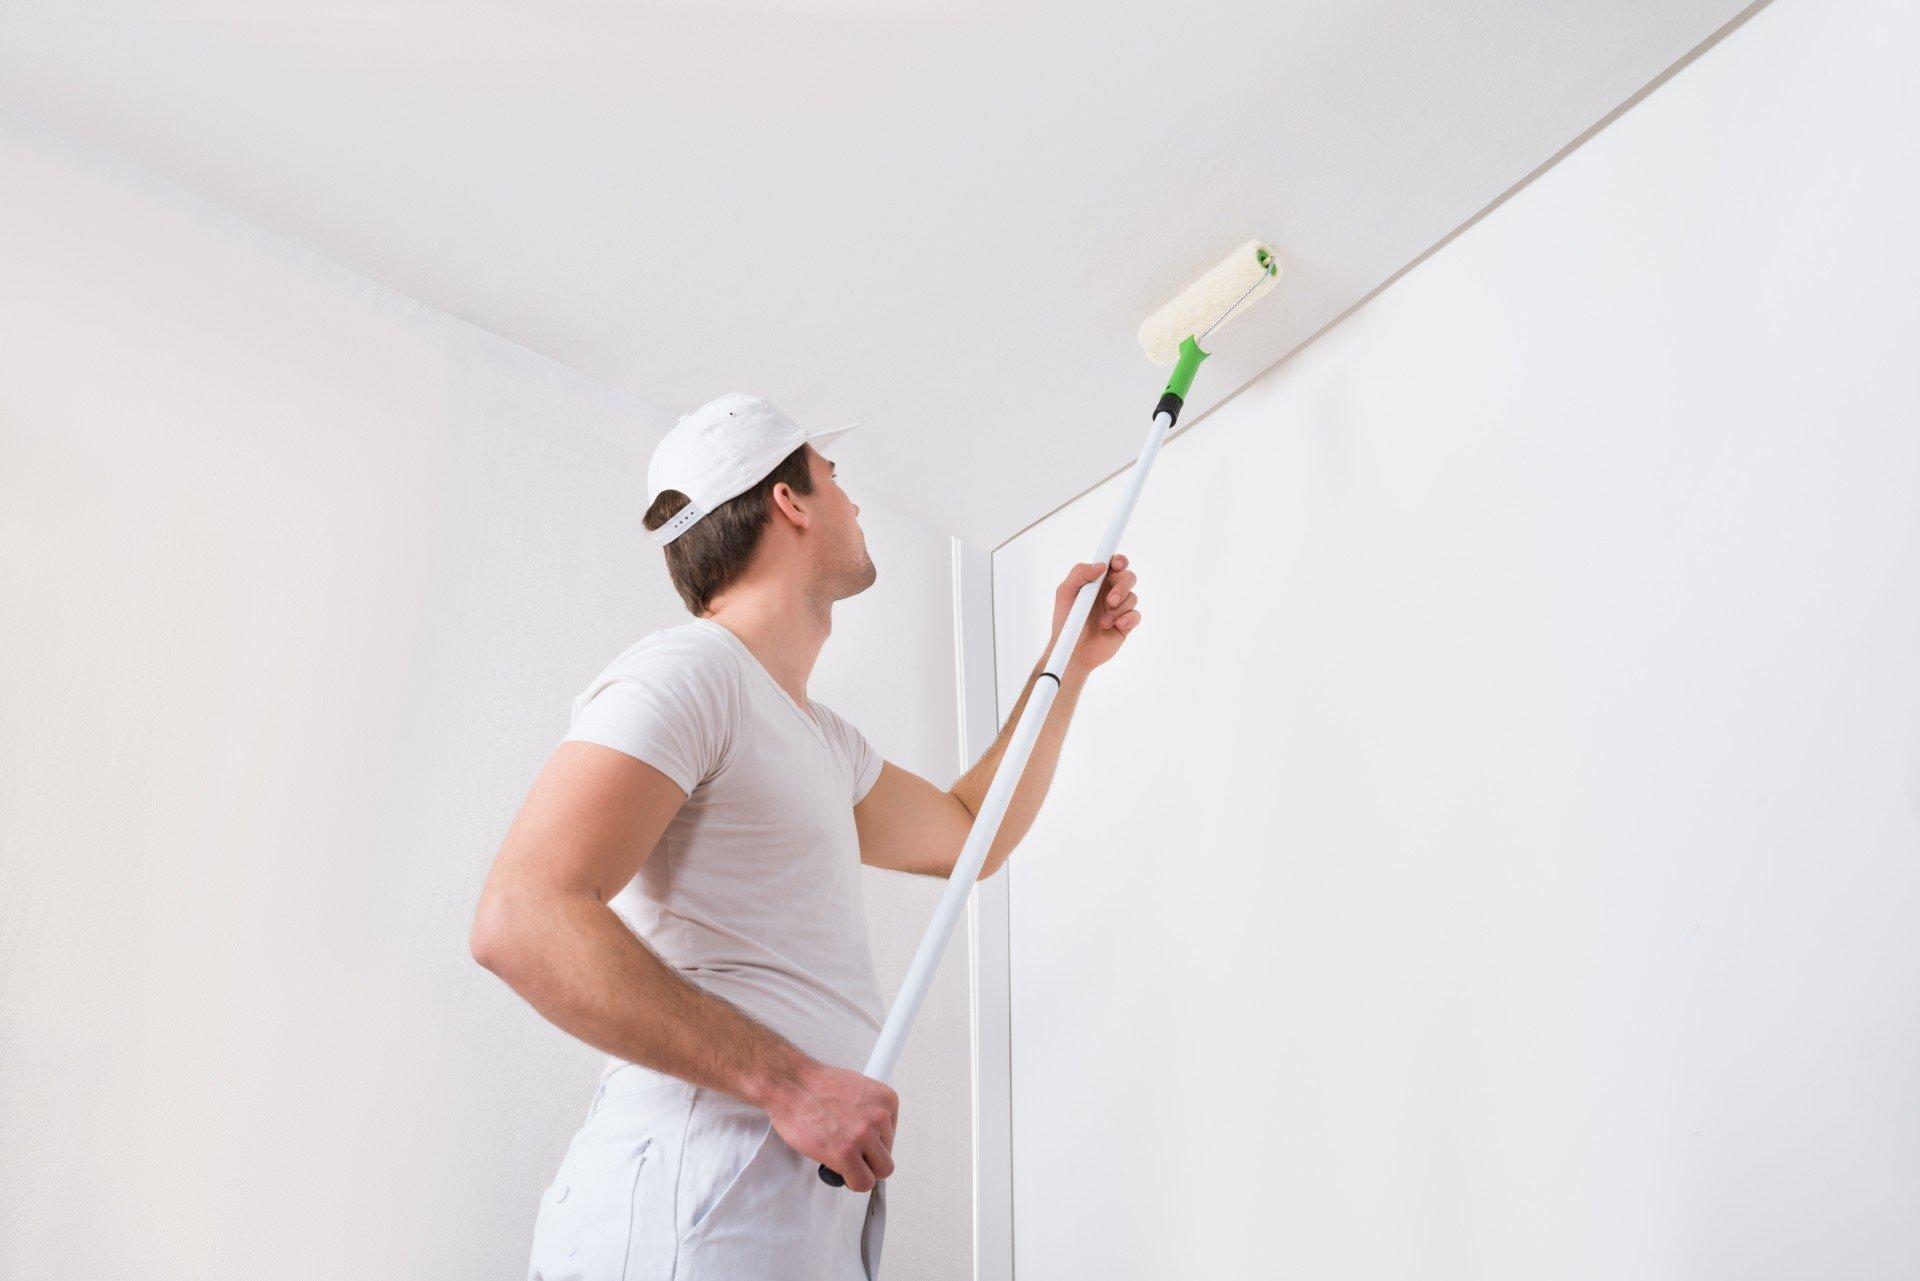 Побелка потолка своими руками: пошаговый способ с водоэмульсионной краской